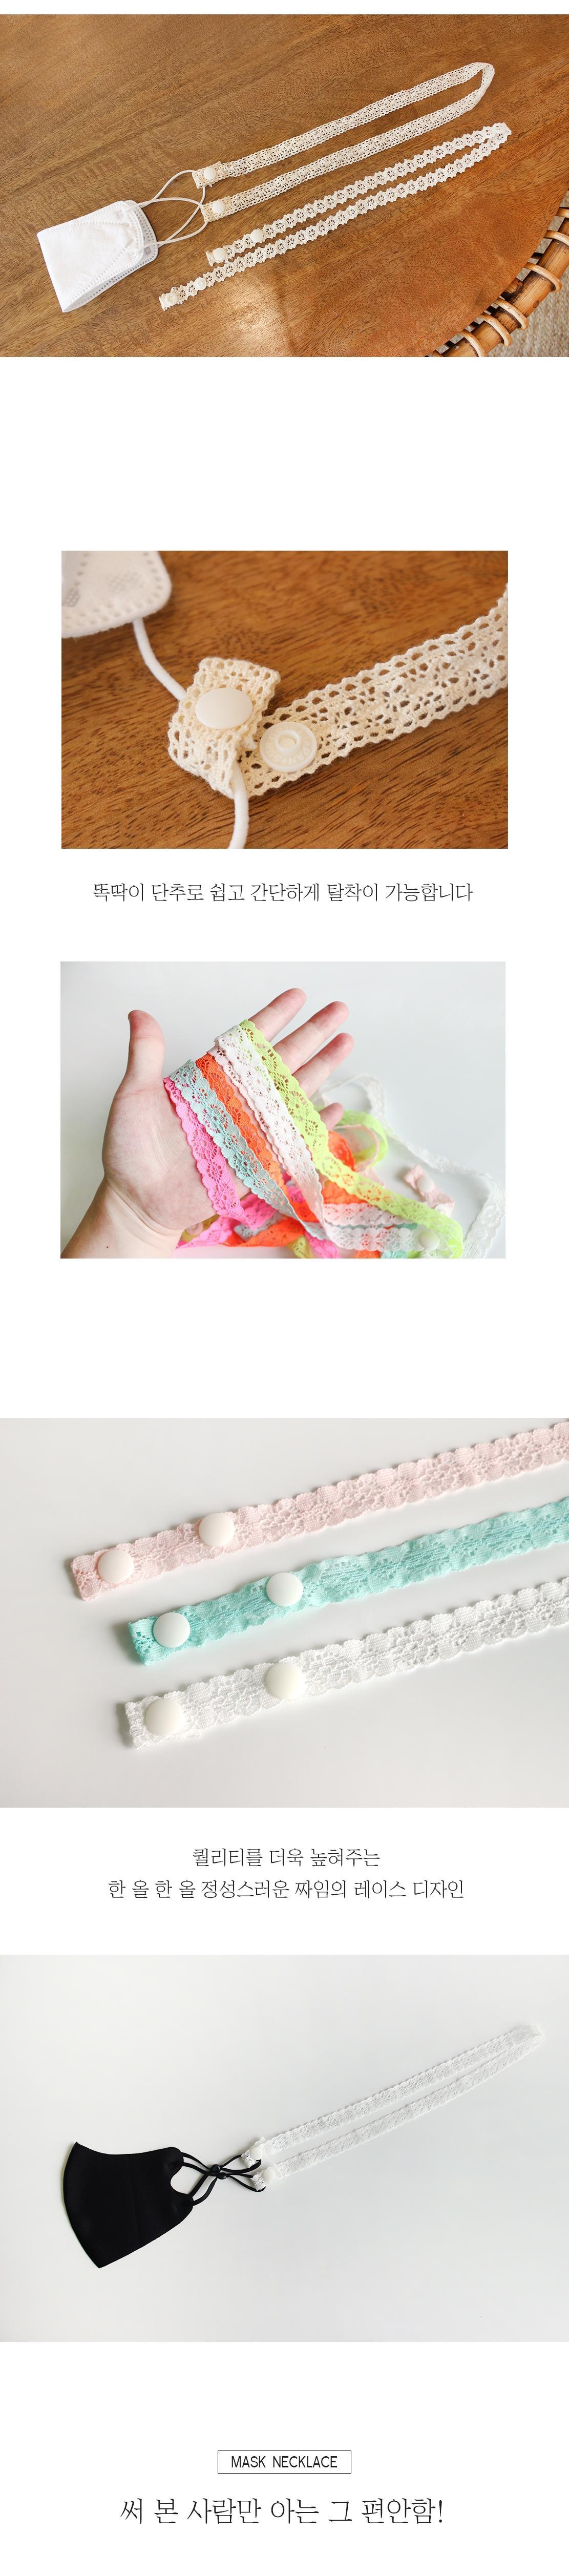 갓샵 레이스 마스크 목걸이 스트랩 줄 똑딱이 8color - 갓샵, 3,900원, 패션, 패션목걸이